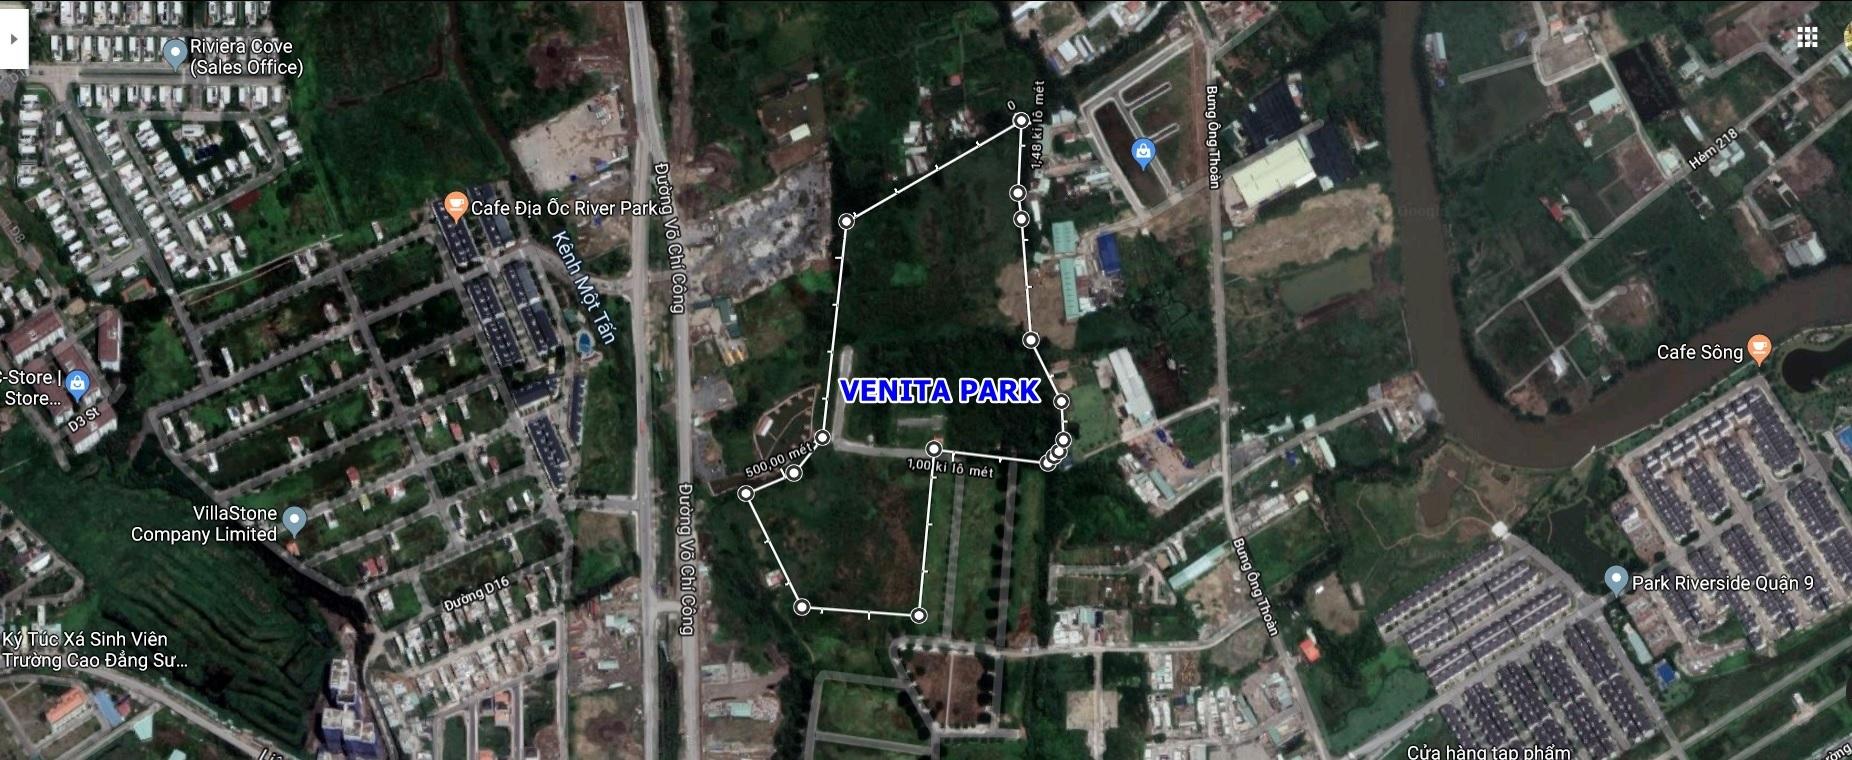 Venita Park